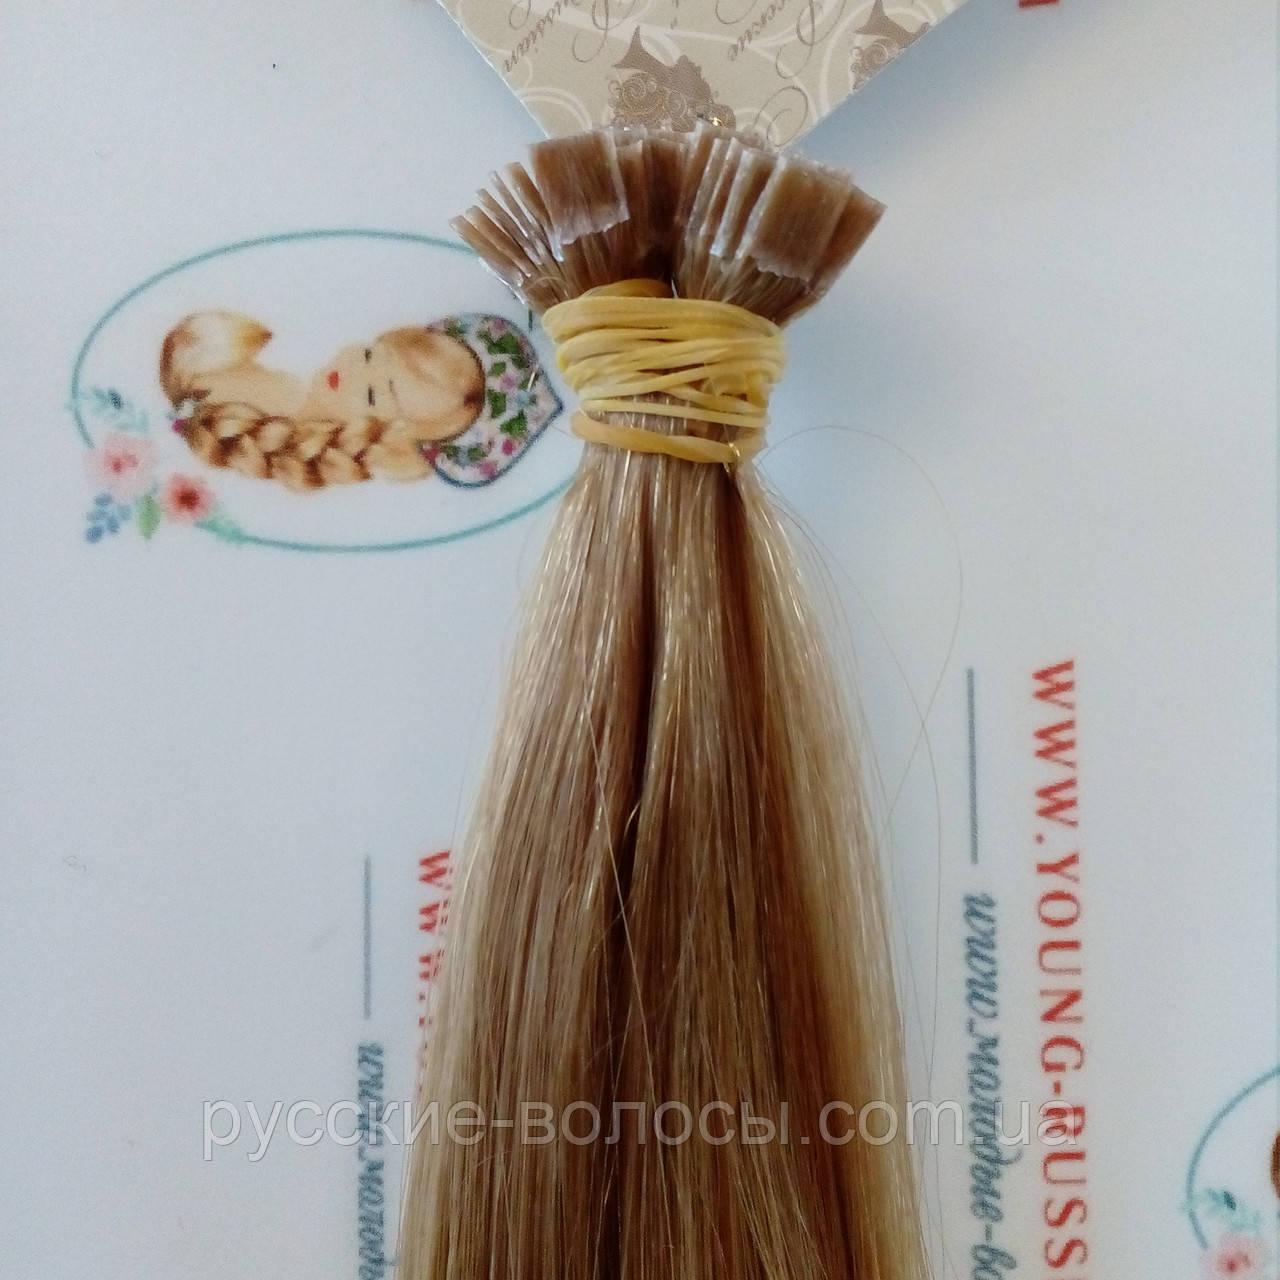 НОВЫЕ ПОСТУПЛЕНИЯ!!! Волосы славянские на капсулах 42 см PREMIUM